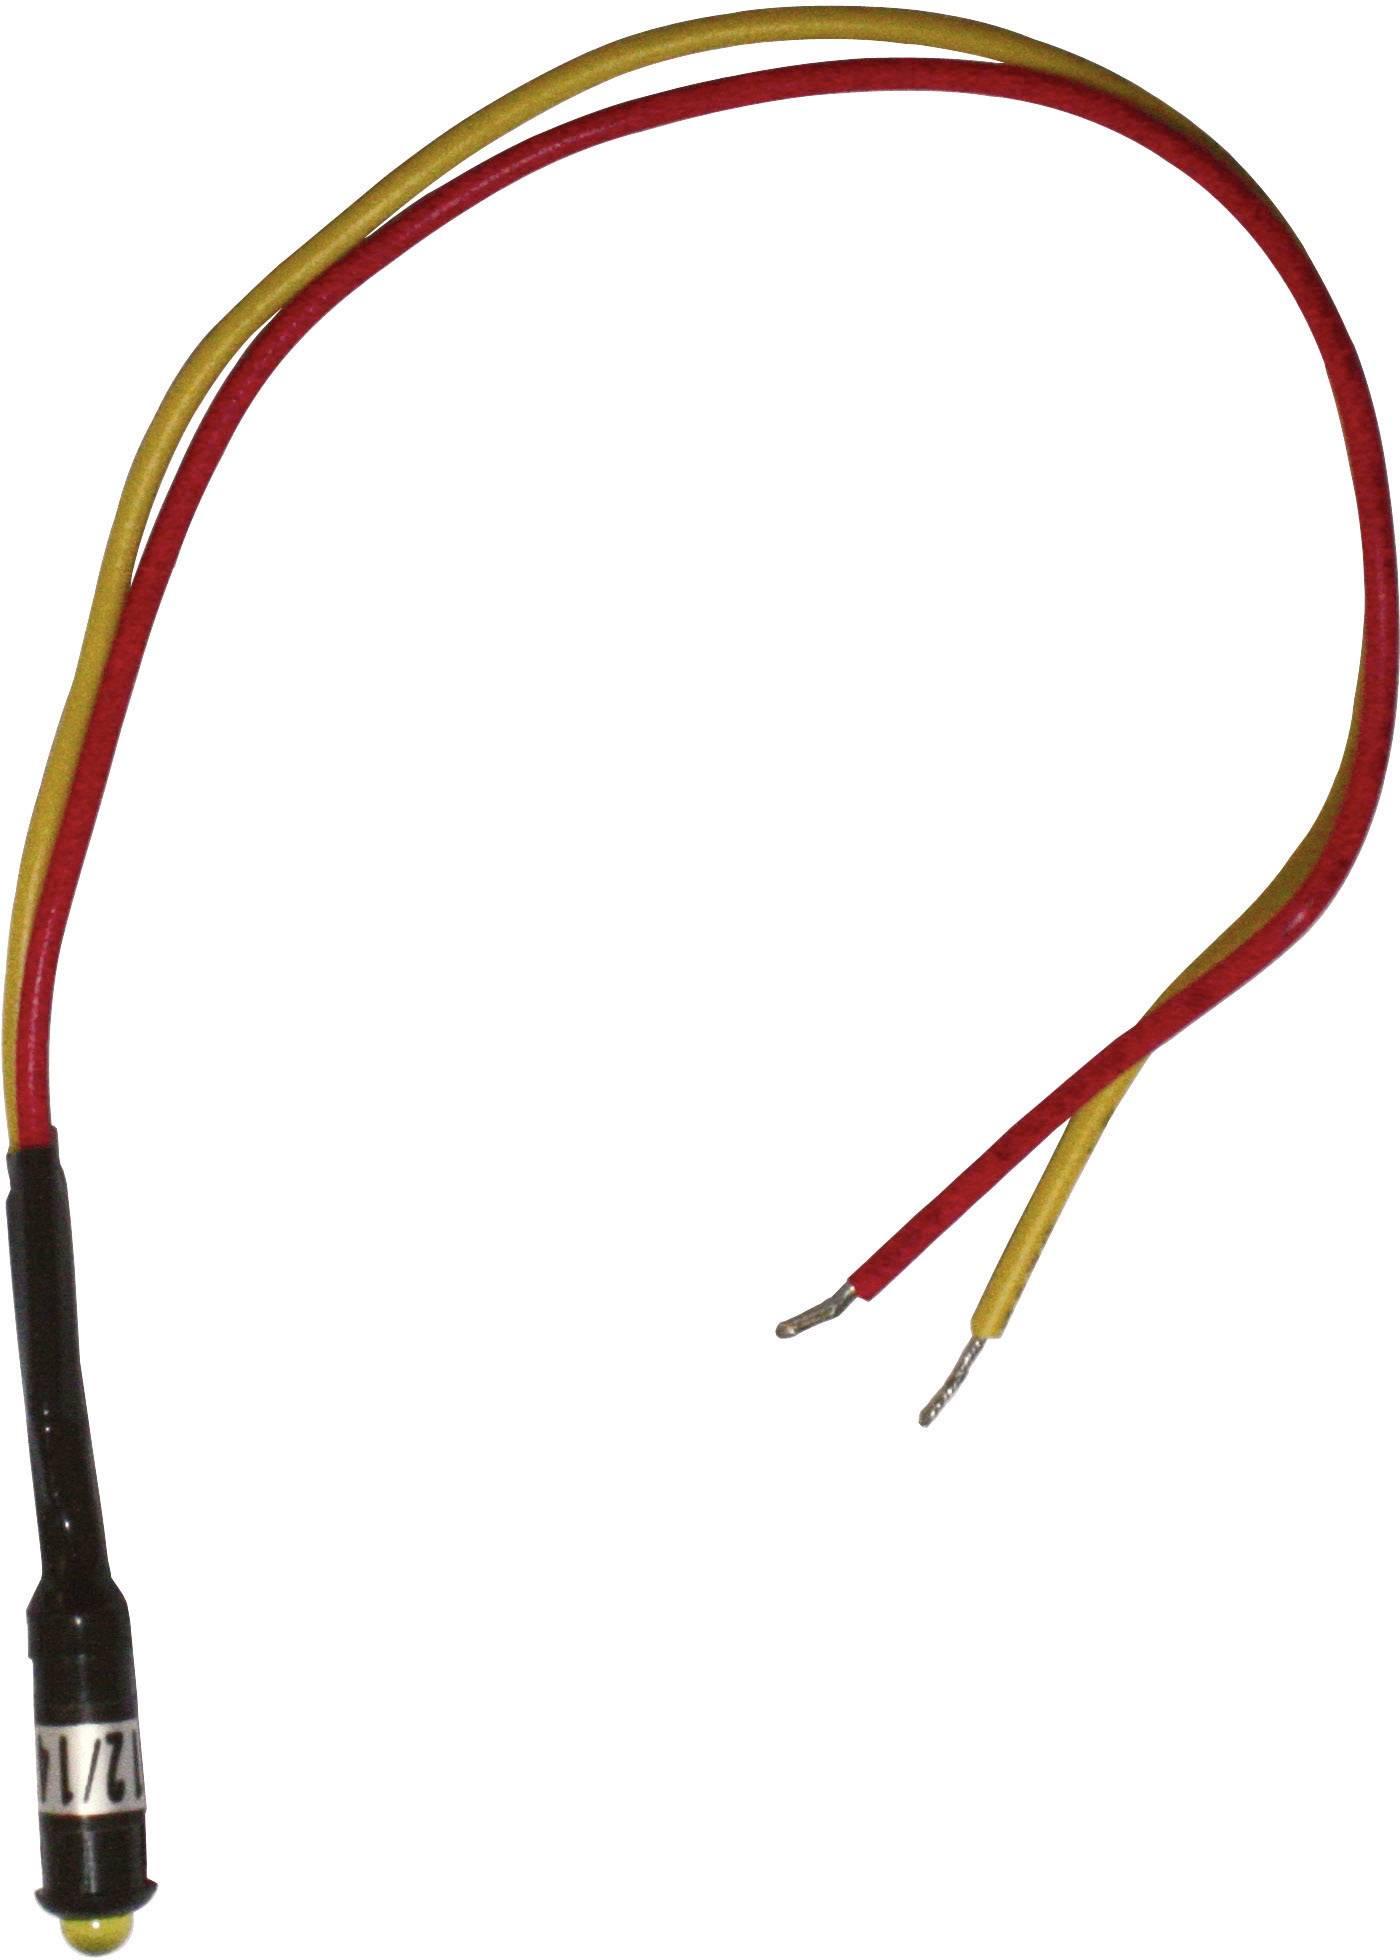 LED signálka Barthelme 52051415, 12 V/DC, bílá